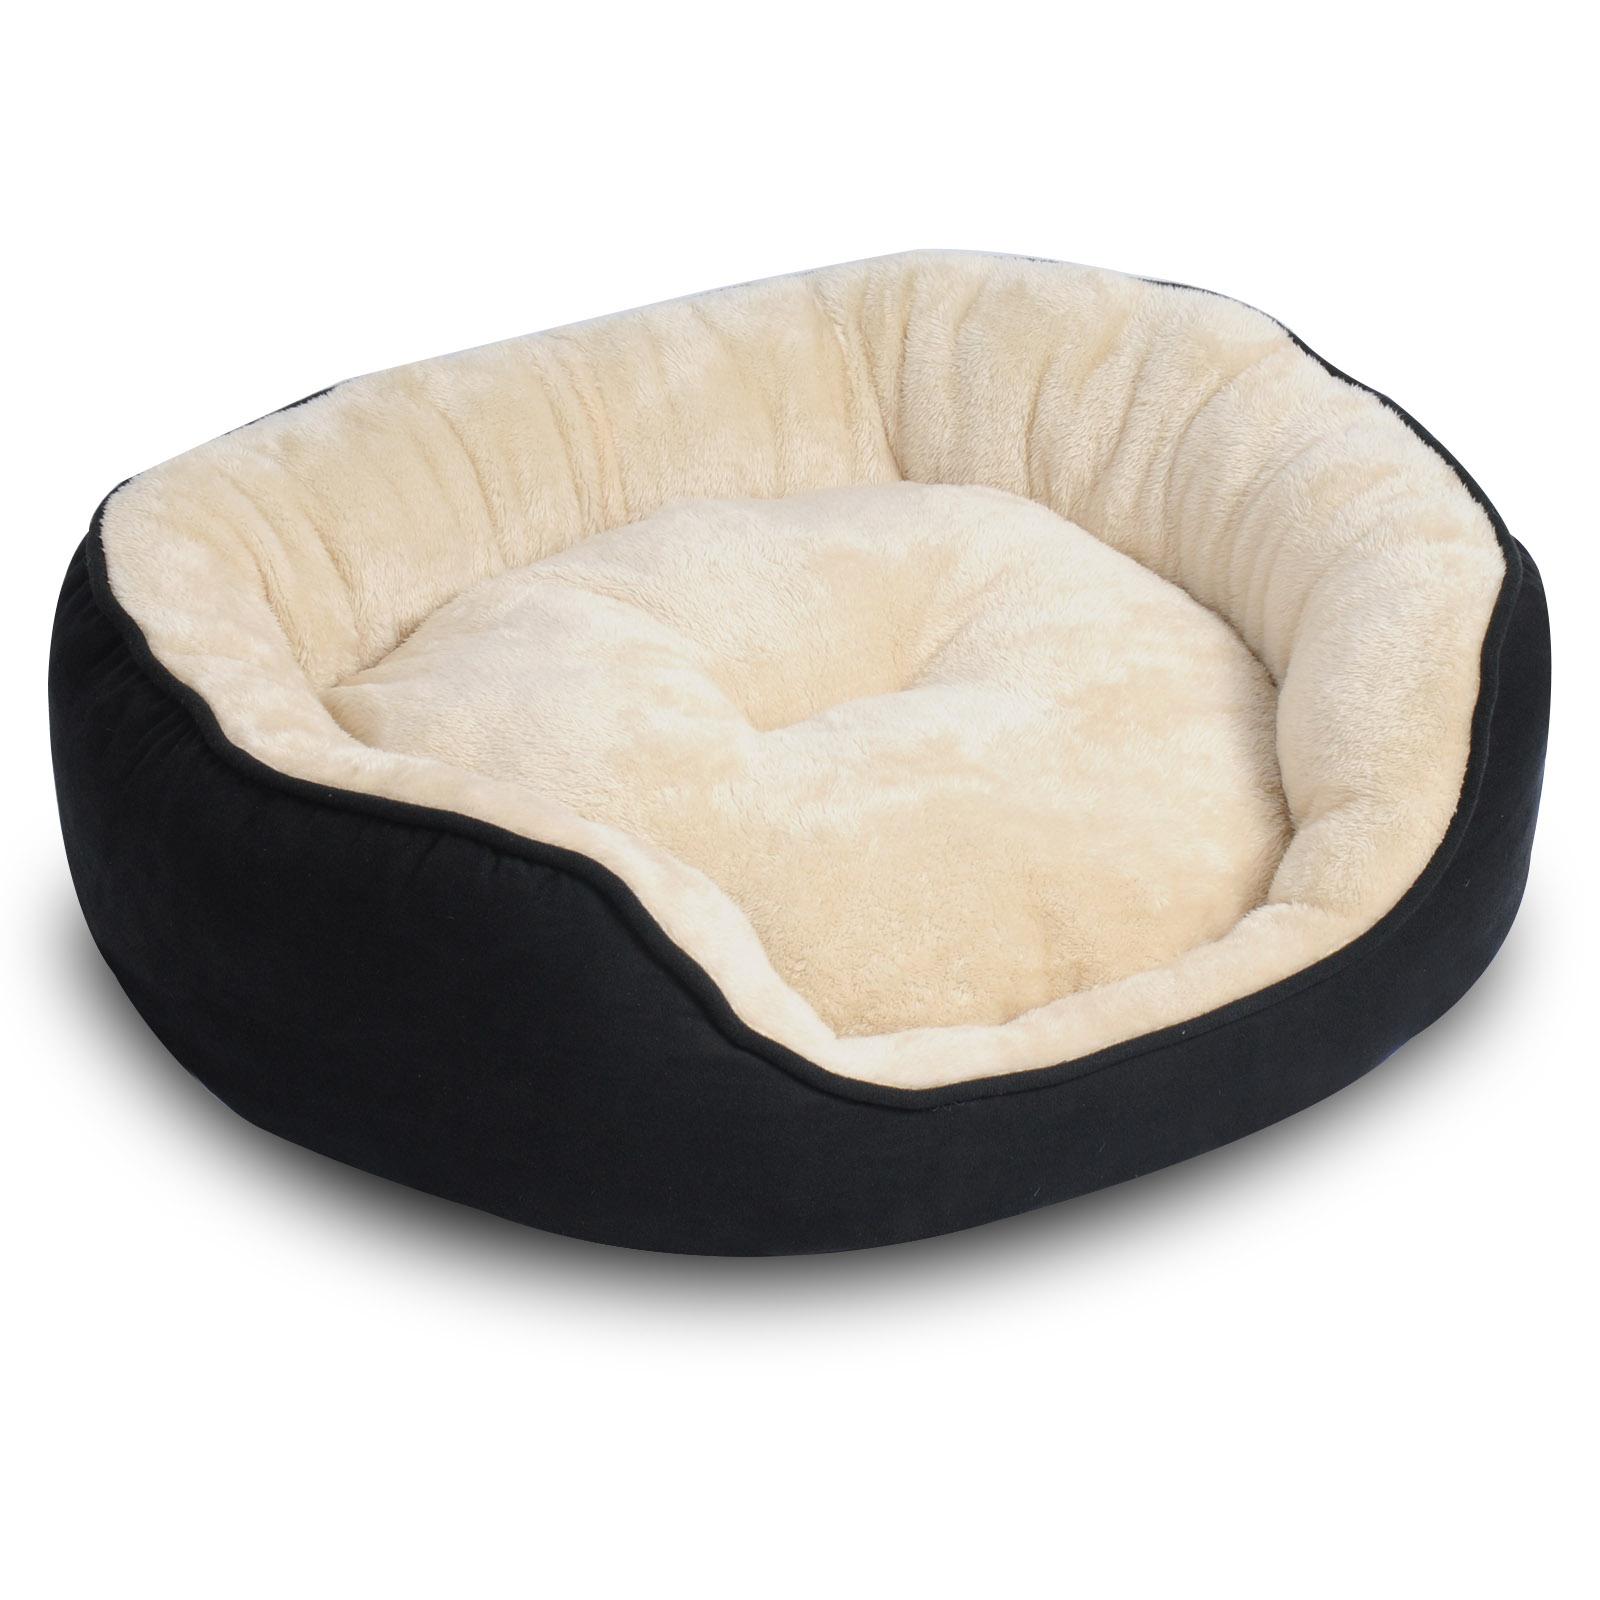 panier chien lit pour chien lit pour chat canap de chien chien couchage f227 ebay. Black Bedroom Furniture Sets. Home Design Ideas